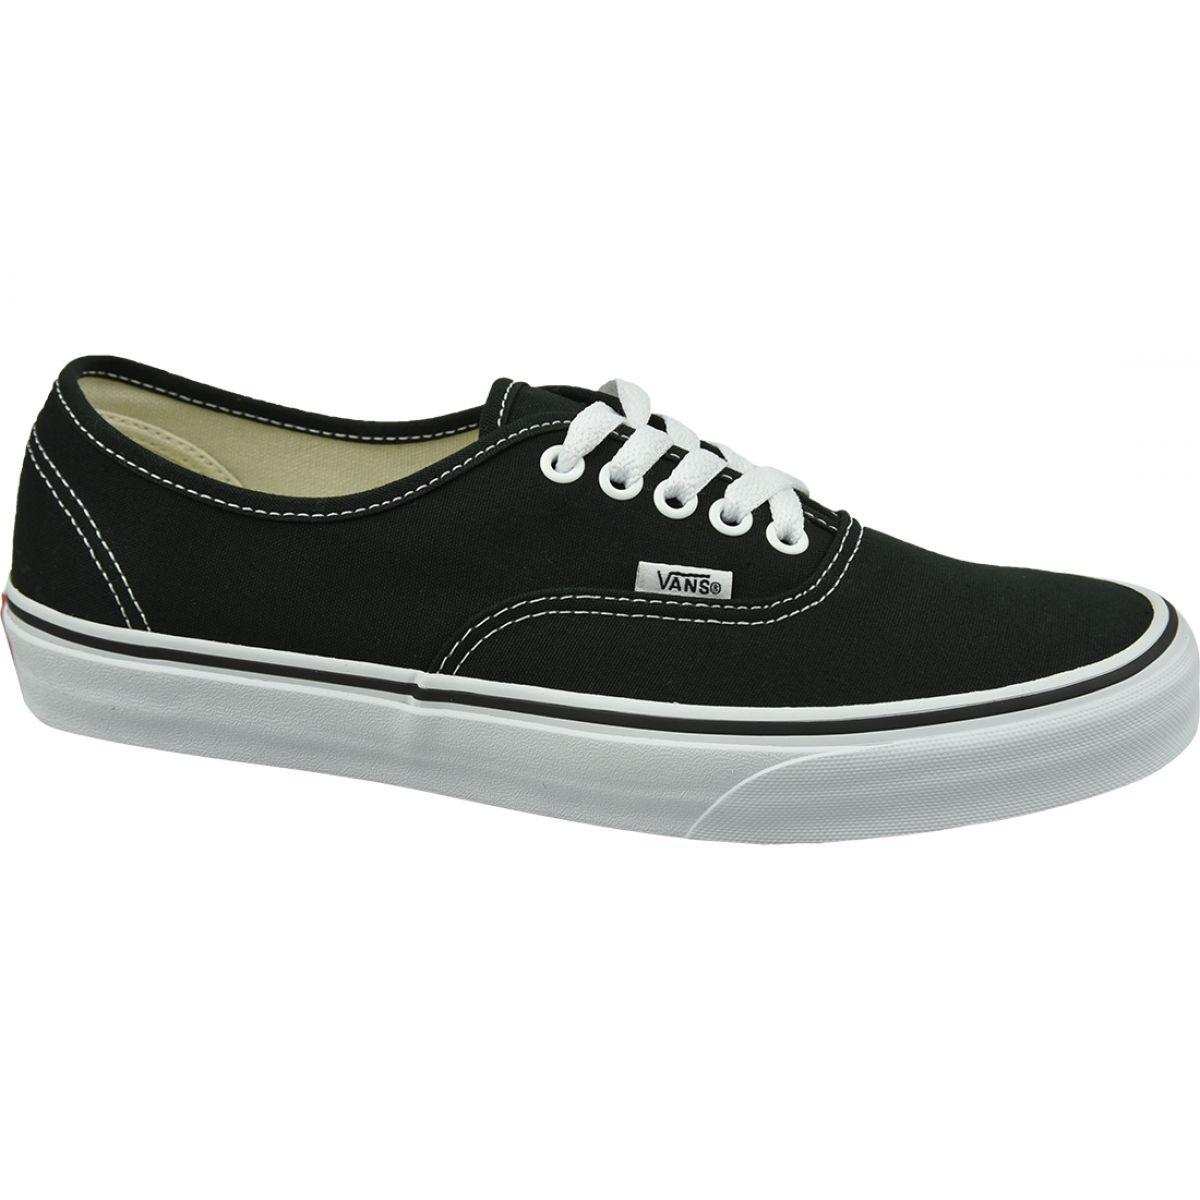 Vans Authentic W VEE3BLK shoes black